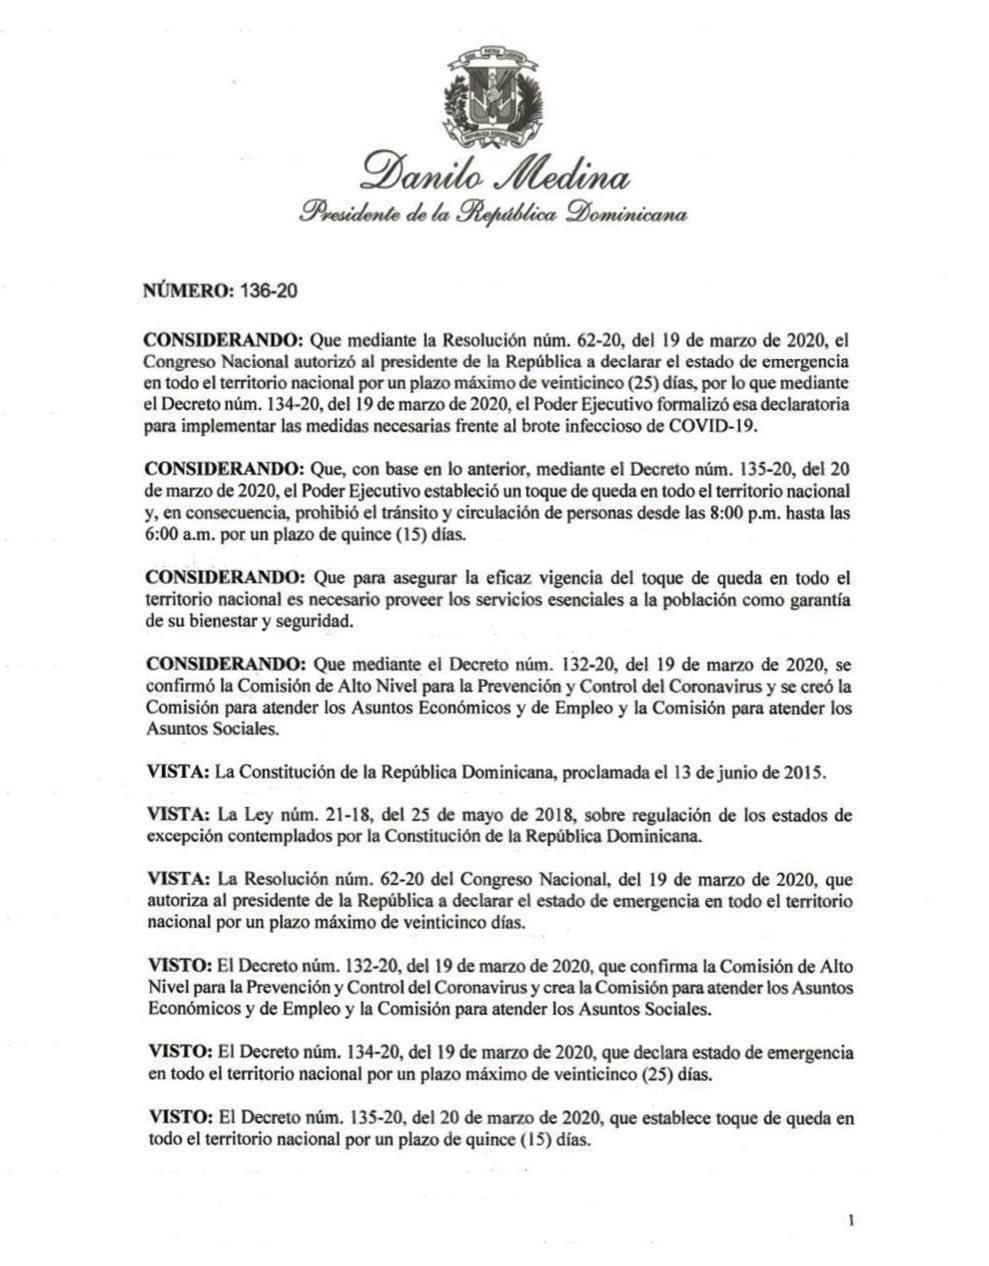 decreto136-20